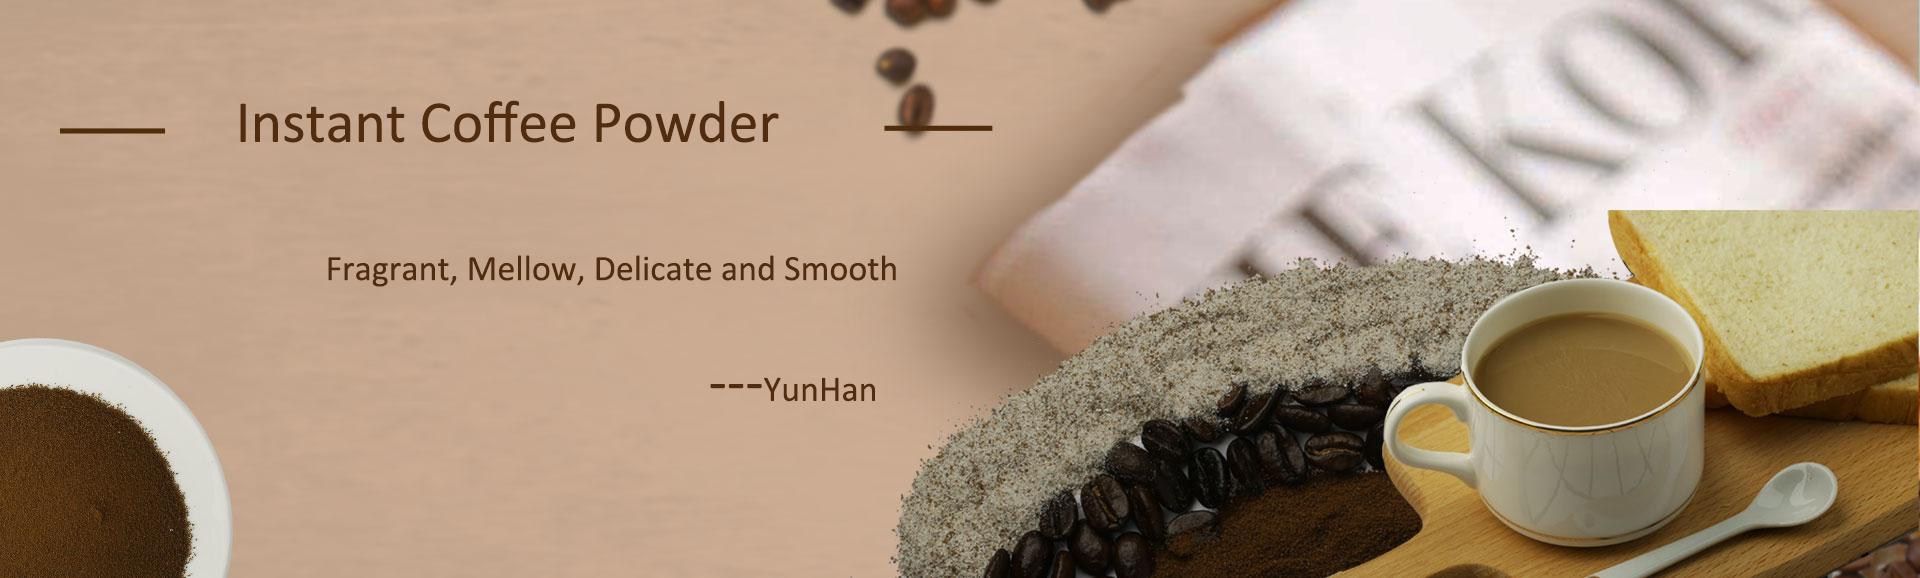 OEM de Dreid precio puro orgánico instantáneo café negro en polvo a granel